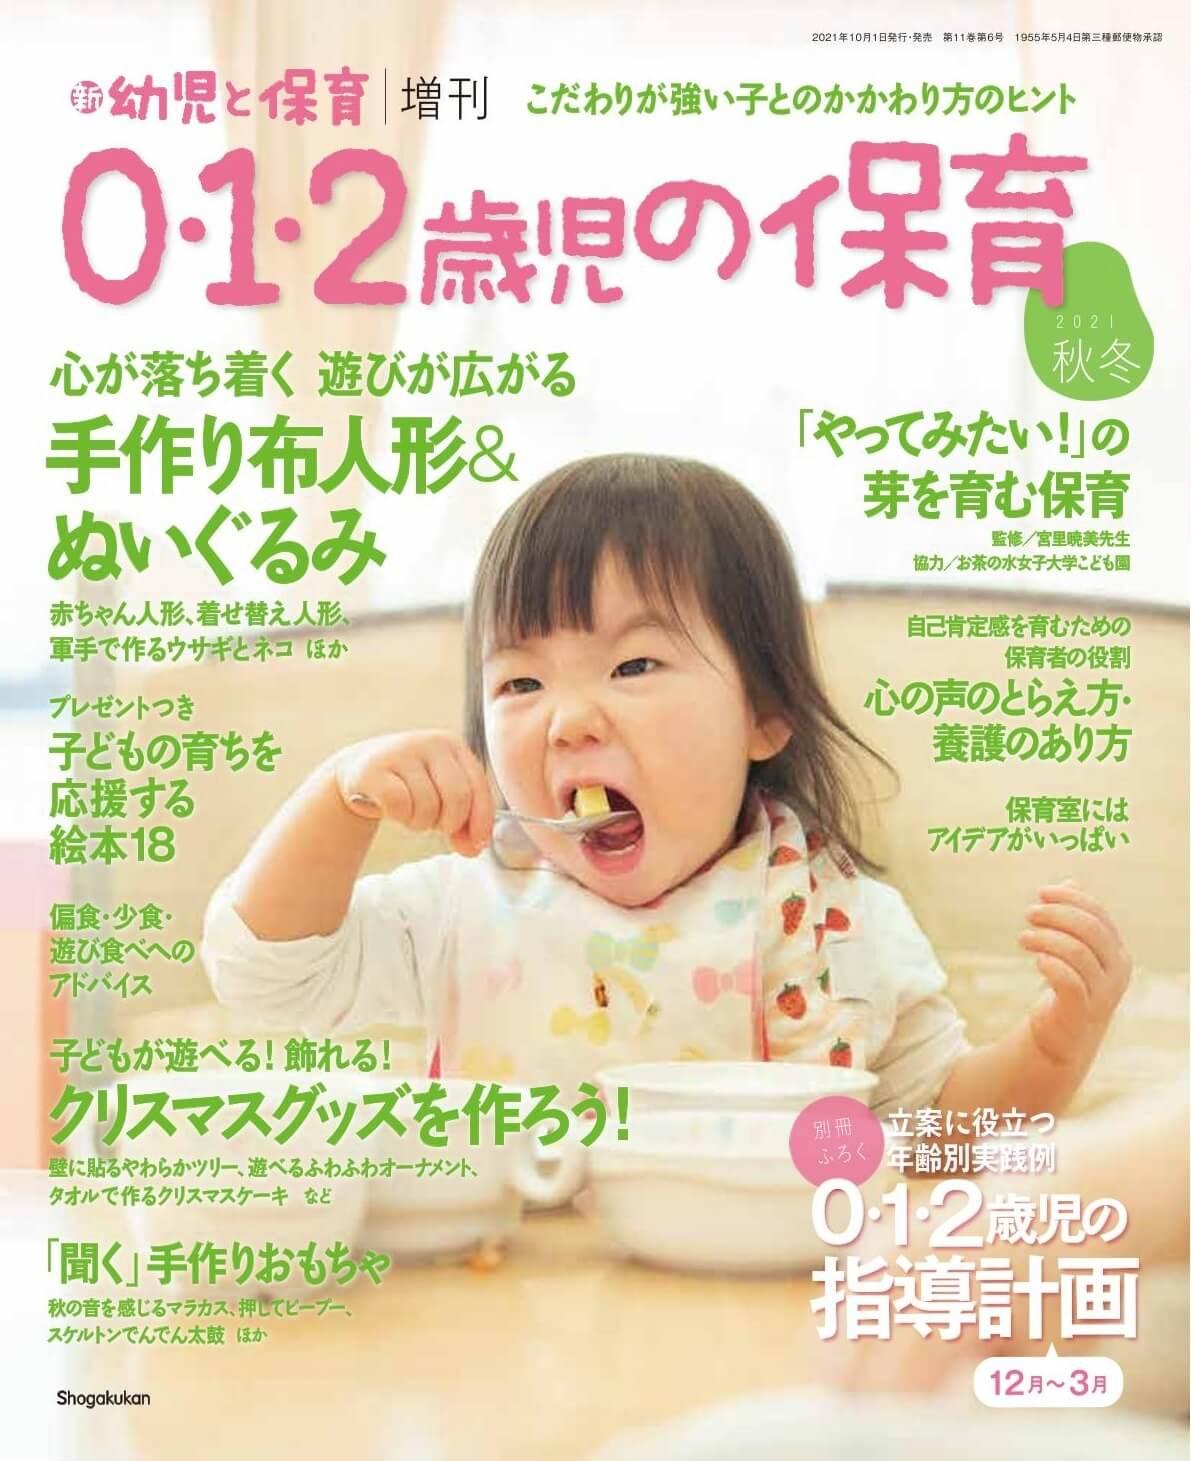 増刊『0・1・2歳児の保育』2021秋冬 発売中